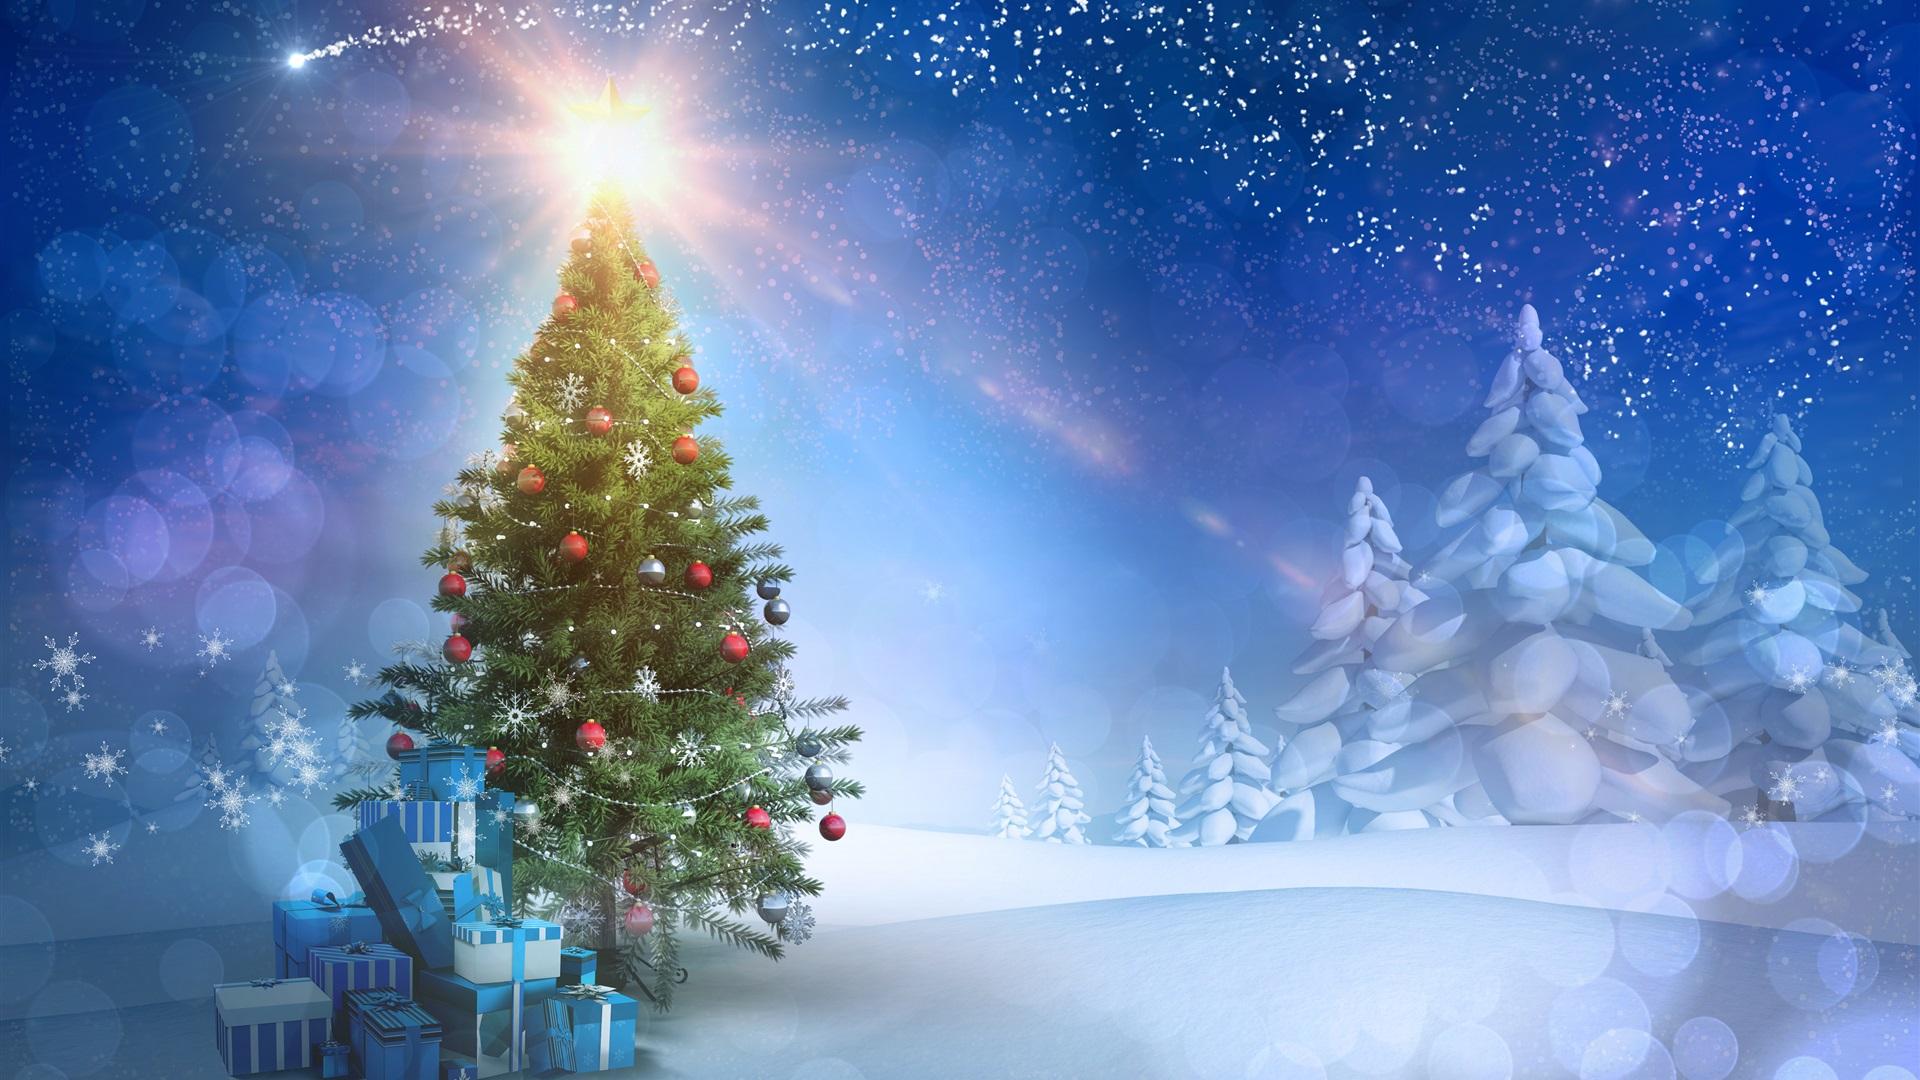 обои новый год и рождество европа 1080 справка уралсиб для кредита